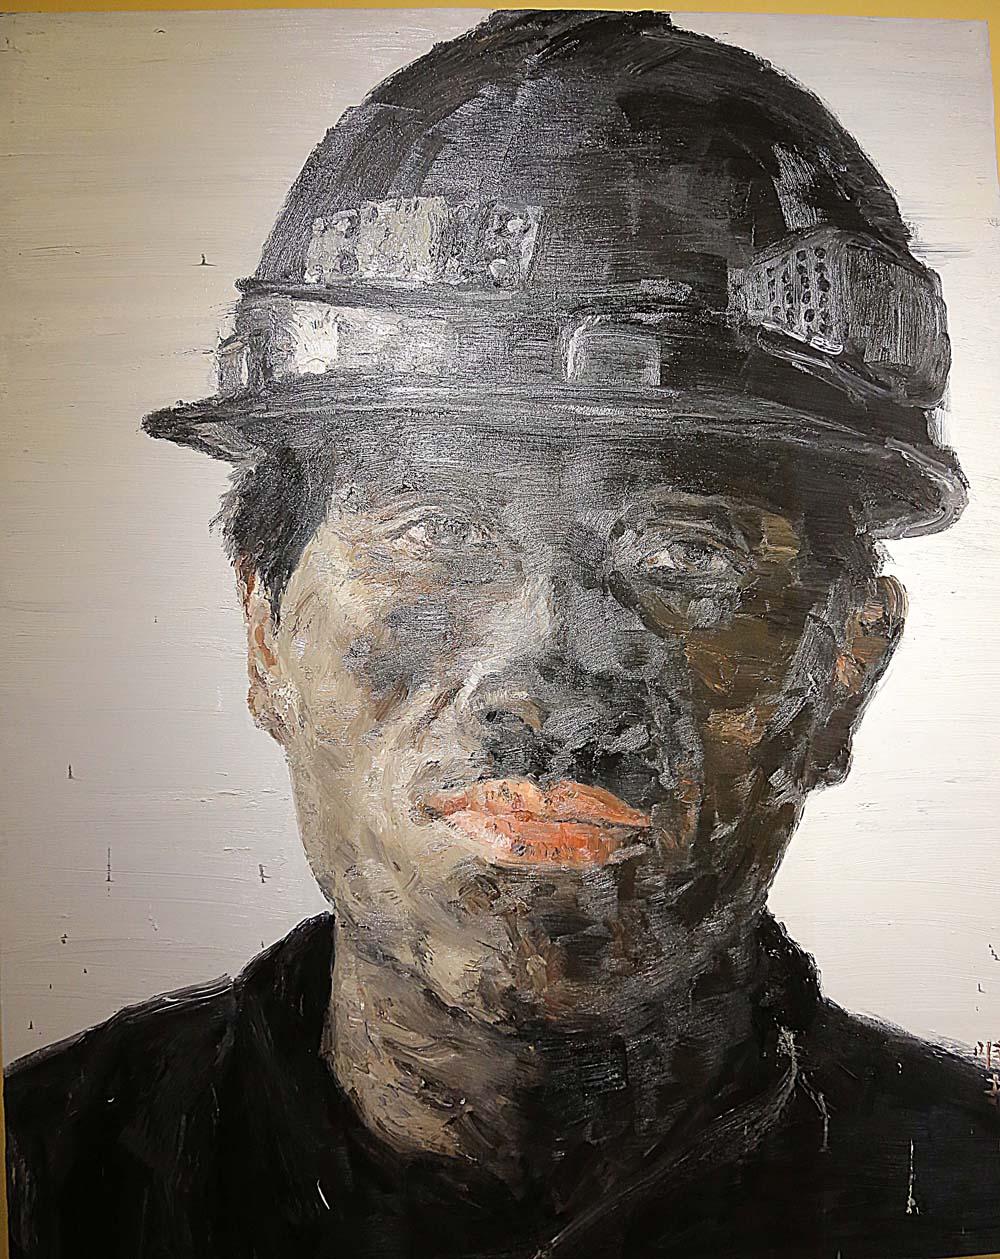 徐唯辛《矿工》油画 2005年